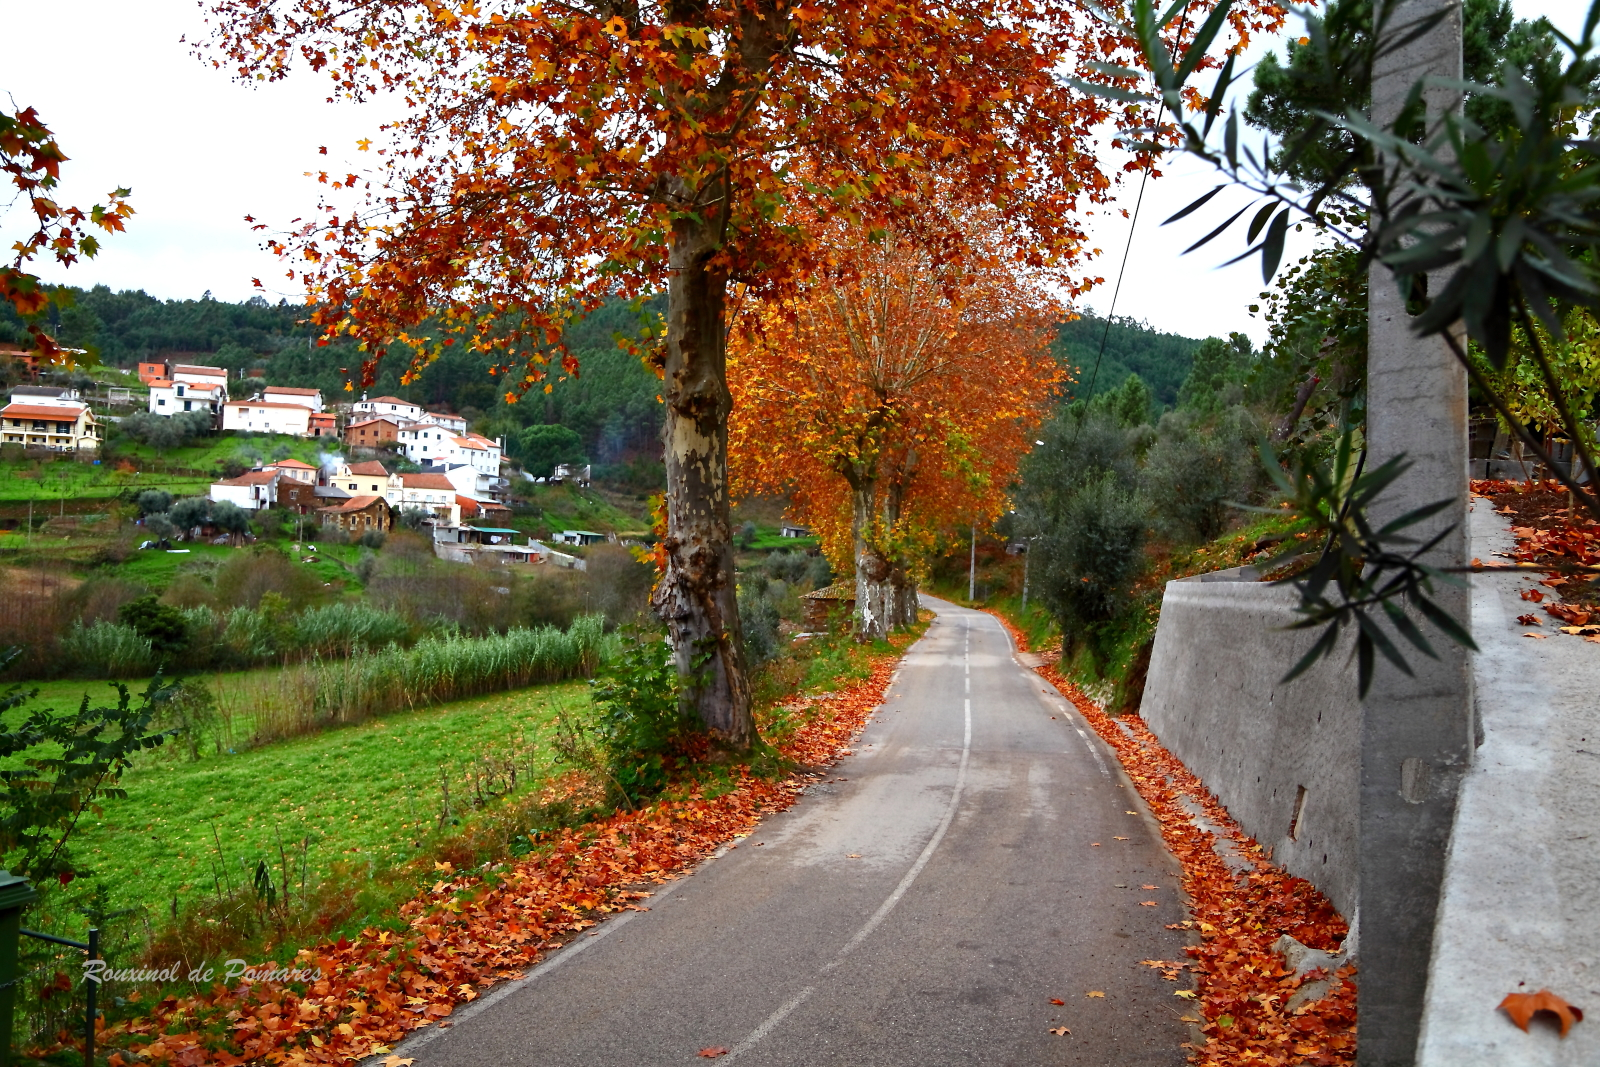 Outono em Pomares II